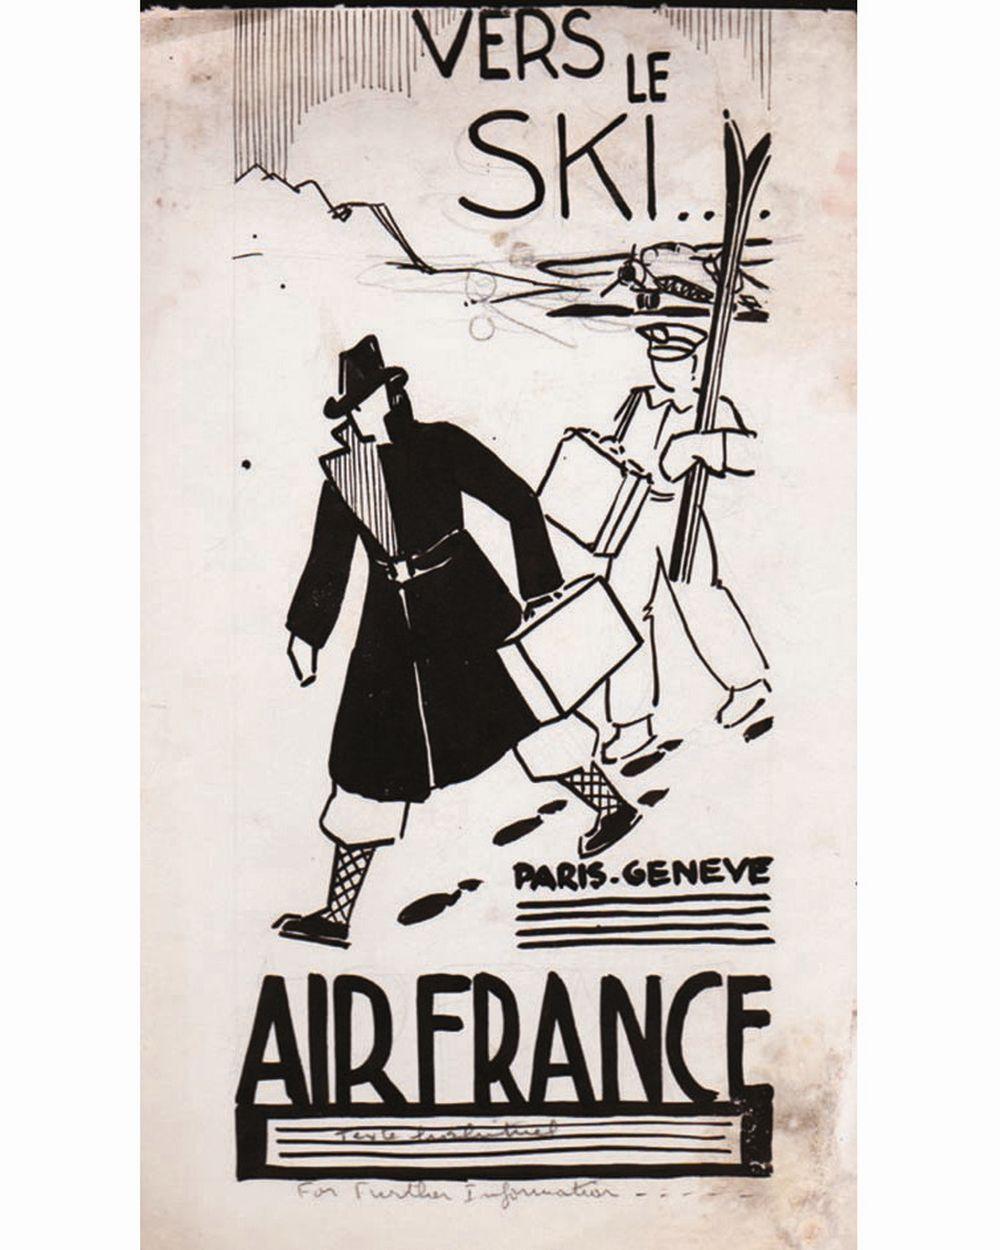 DOOB - Vers le Ski …Paris Genève … Air France dessin à l'encre de chine drawing in china ink unic piece     1938